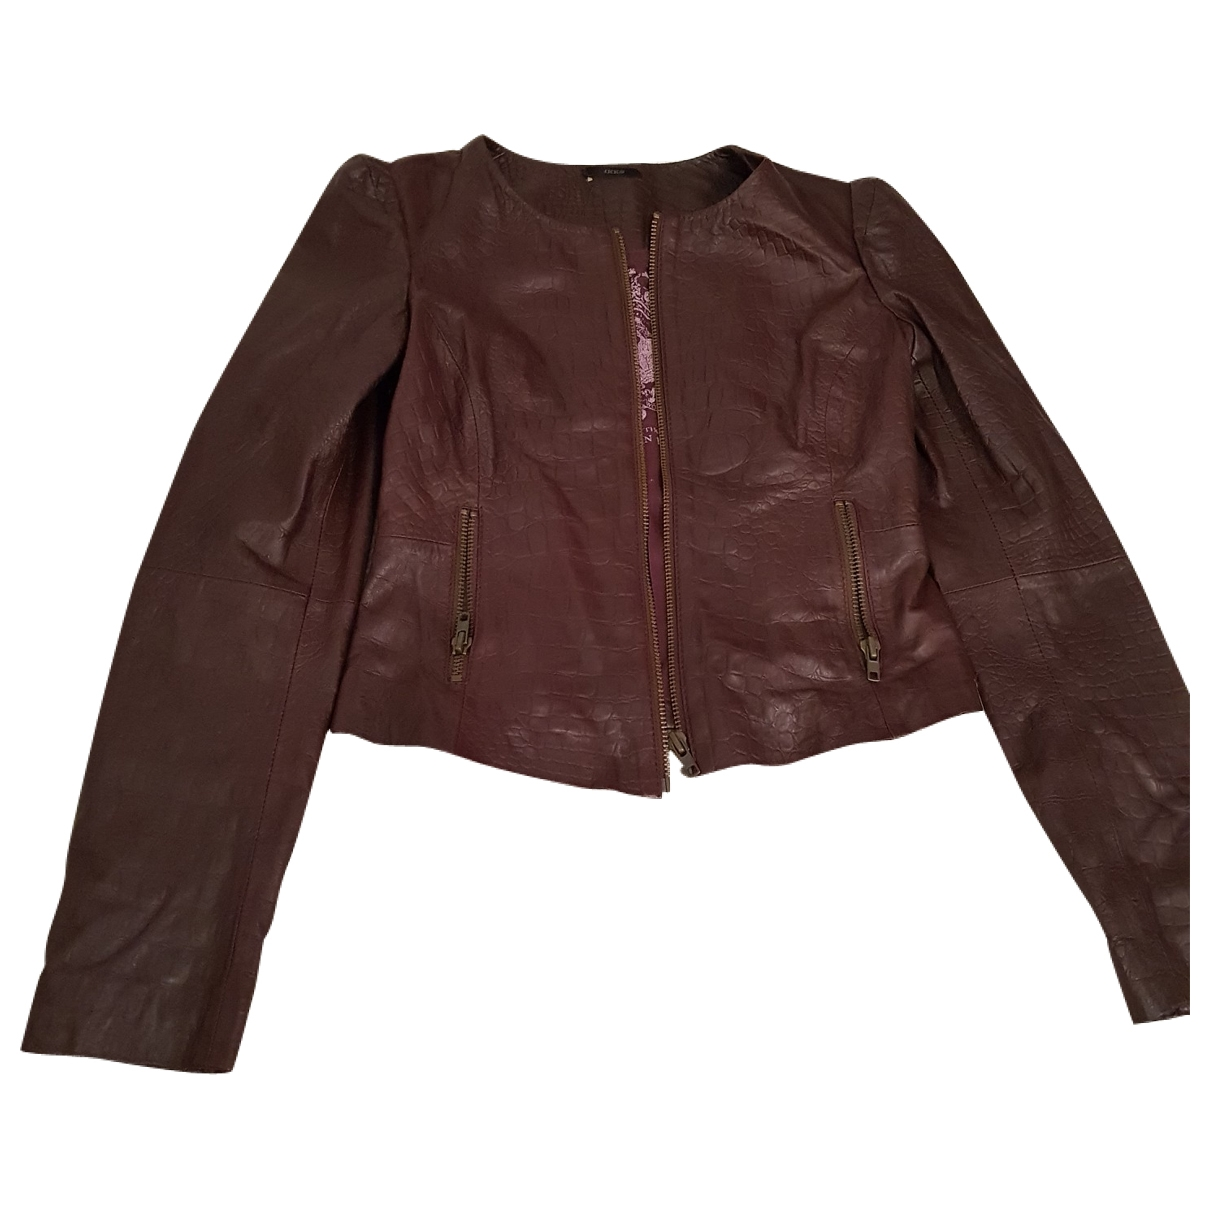 Ikks - Blouson   pour femme en cuir - bordeaux